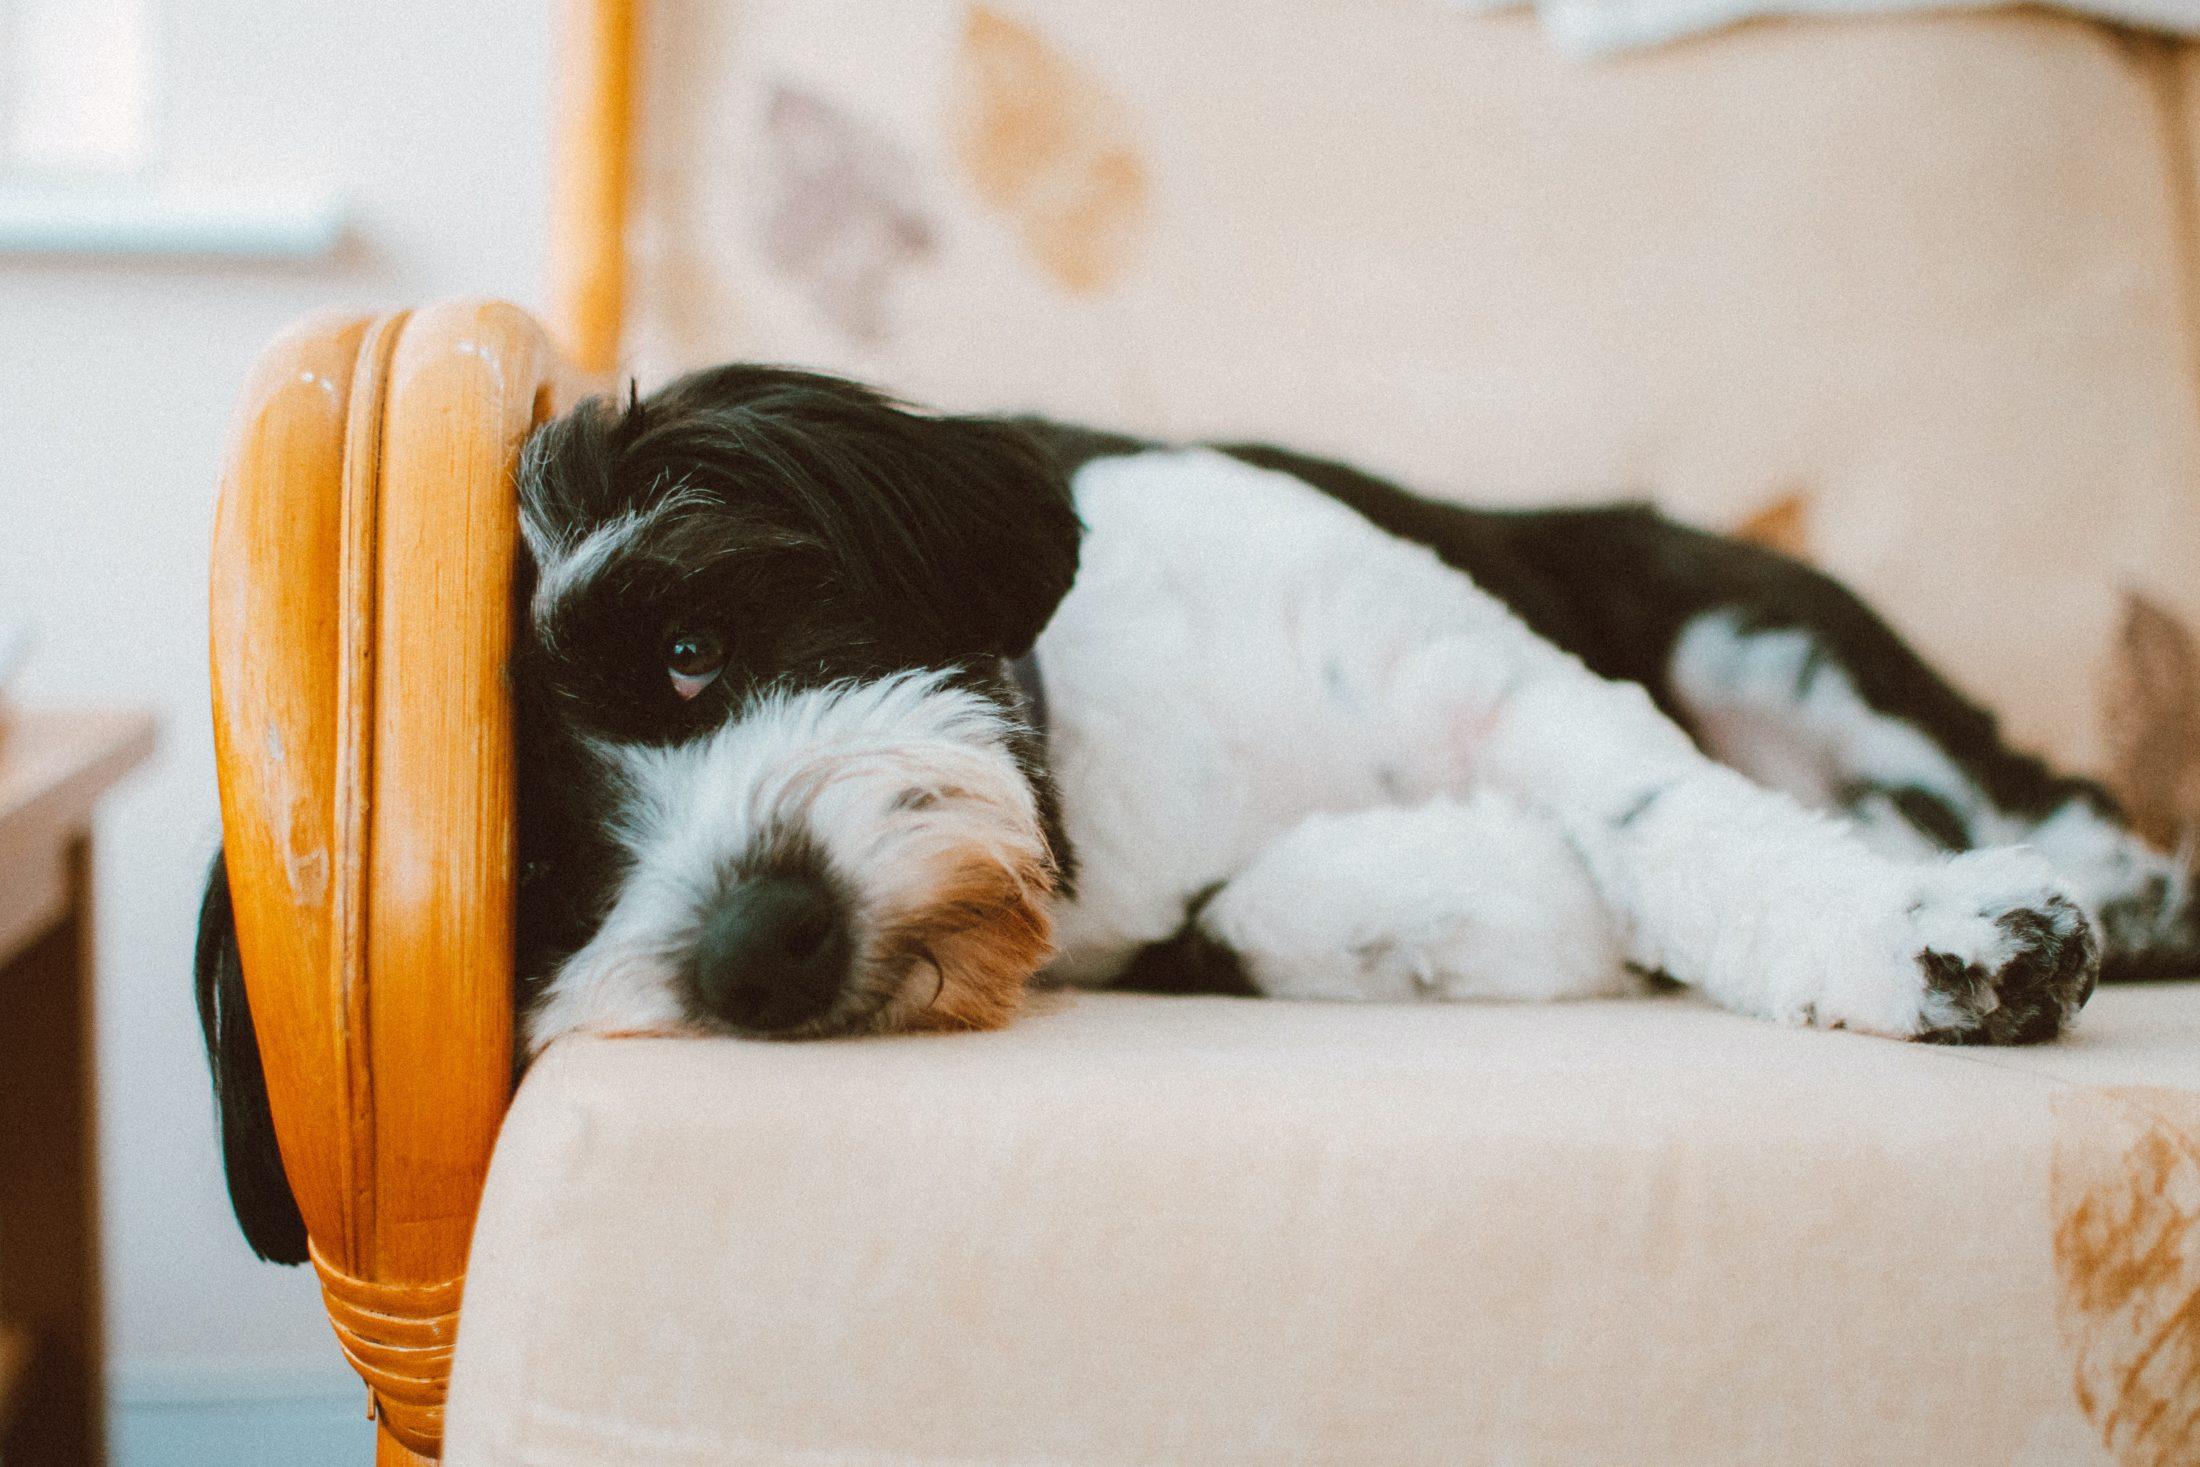 A ansiedade por separação é um comportamento animal que pode ser evitado.